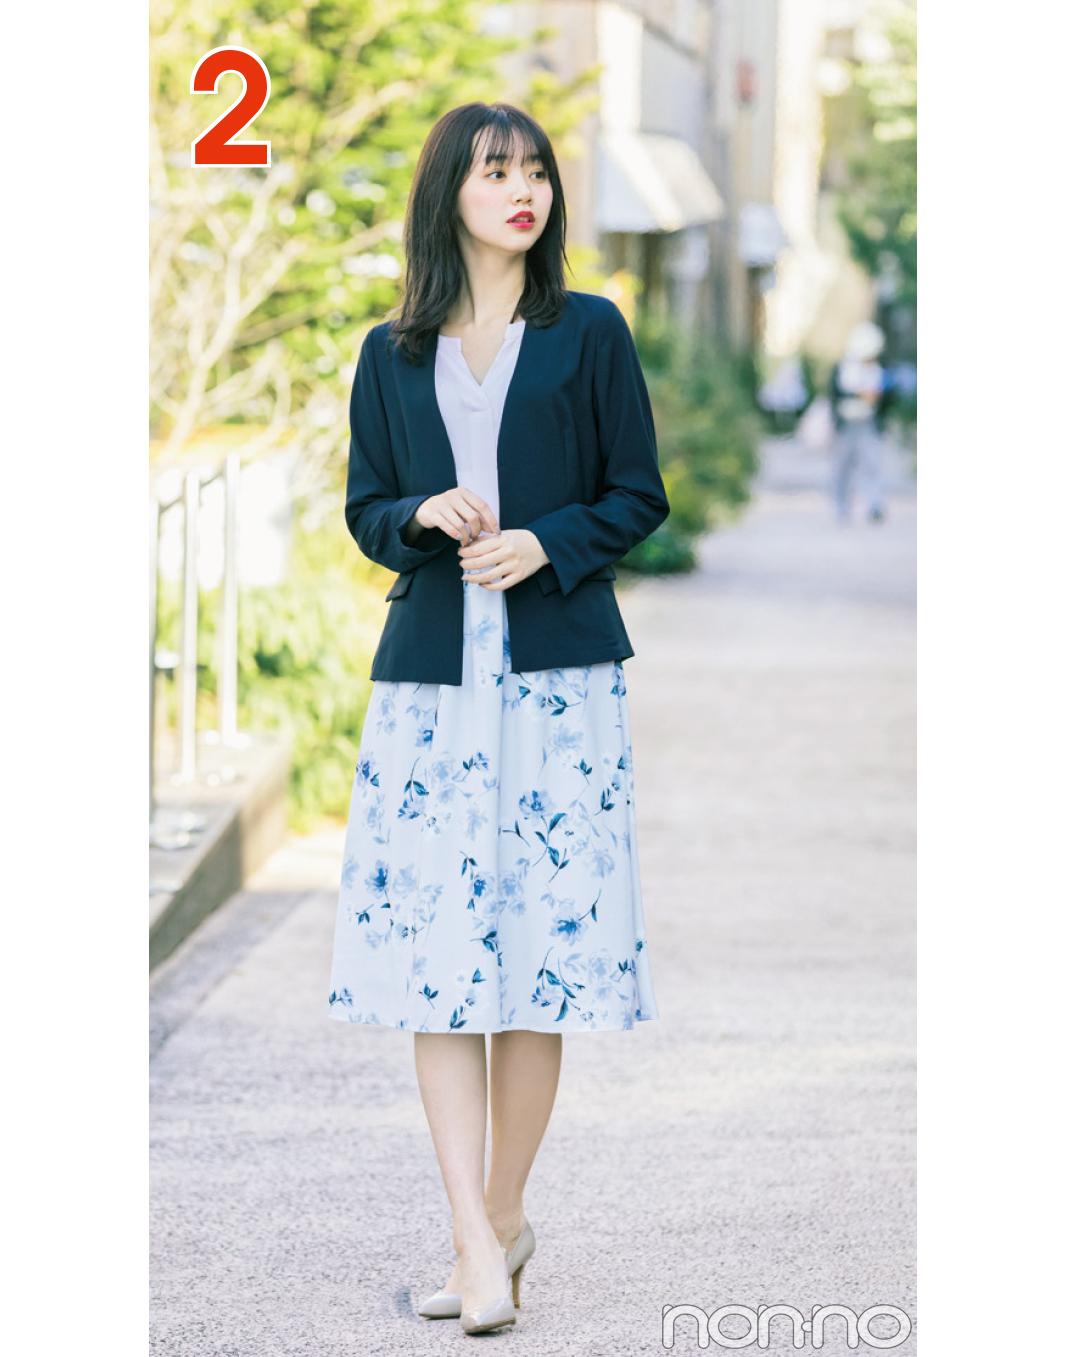 きれいめ派の花柄スカートオフィスコーデ着回し☆3月の即買いおすすめカタログつき!_1_3-1